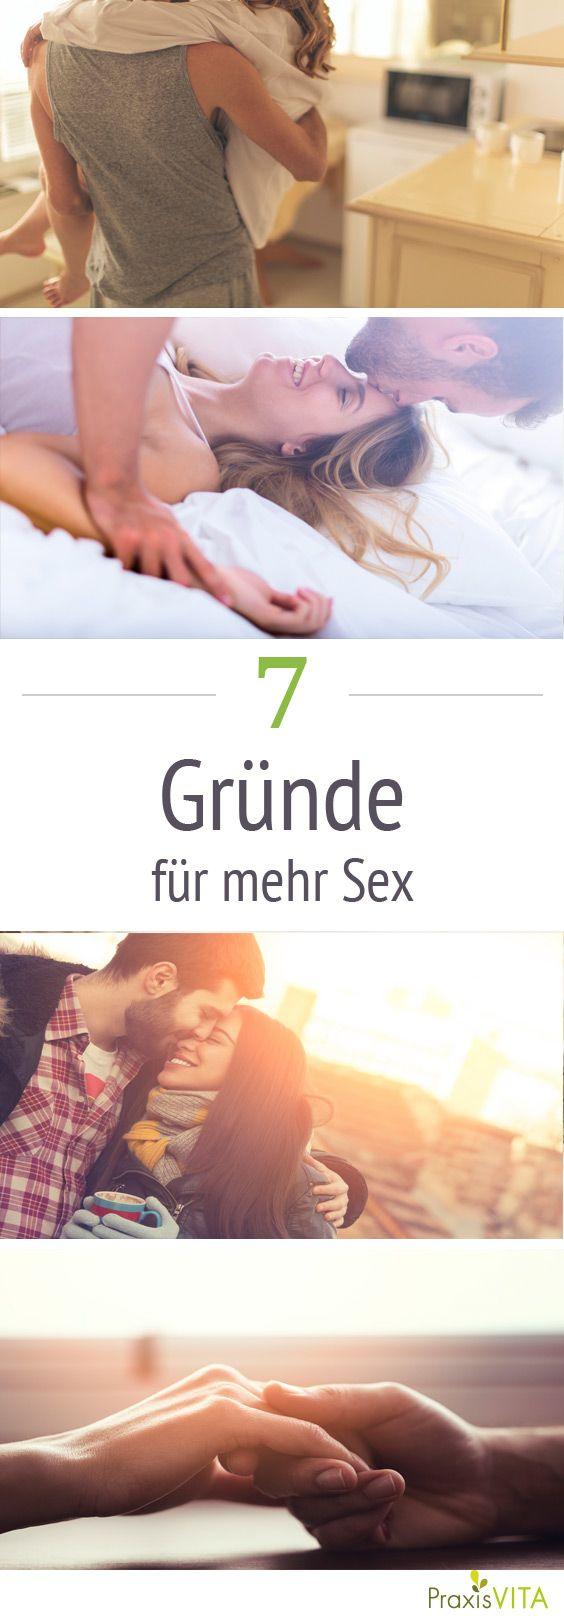 Erfahren Sie hier, wofür ein aktives Sexleben außerdem die beste Medizin ist.